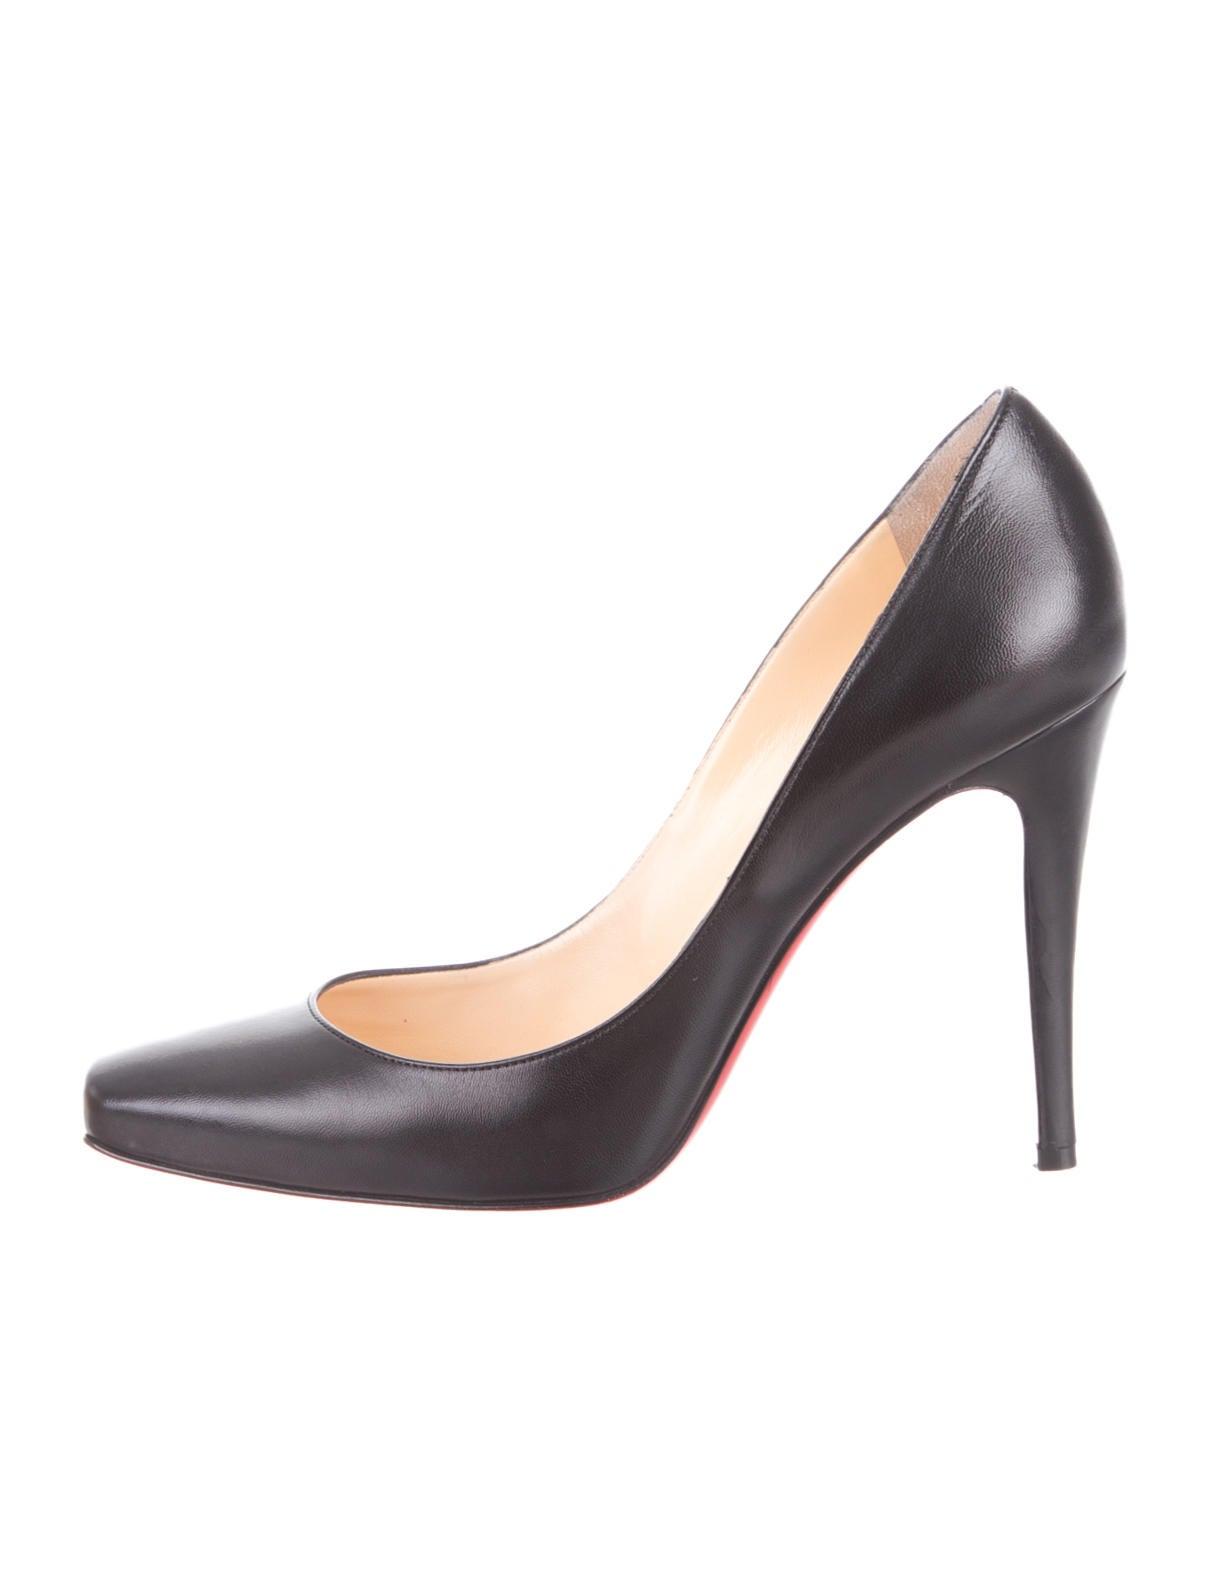 cheap replica christian louboutins - Artesur ? christian louboutin square-toe Particule pumps Black leather